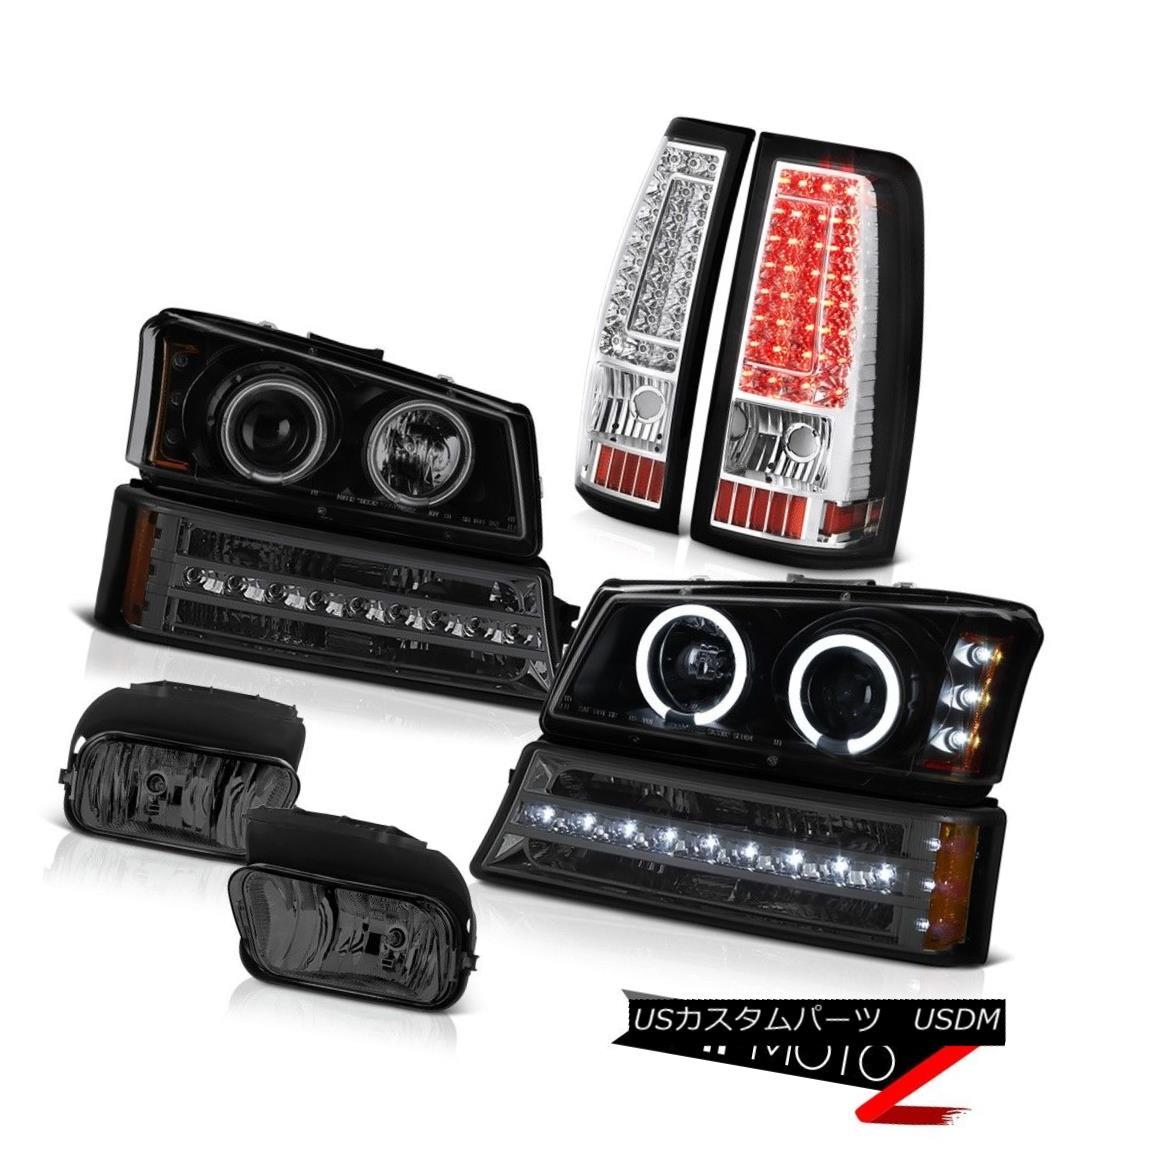 ヘッドライト 03-06 Silverado Titanium Smoke Fog Lamps Tail Brake Turn Signal Headlights SMD 03-06 Silveradoチタン煙霧ランプテールブレーキターンシグナルヘッドライトSMD